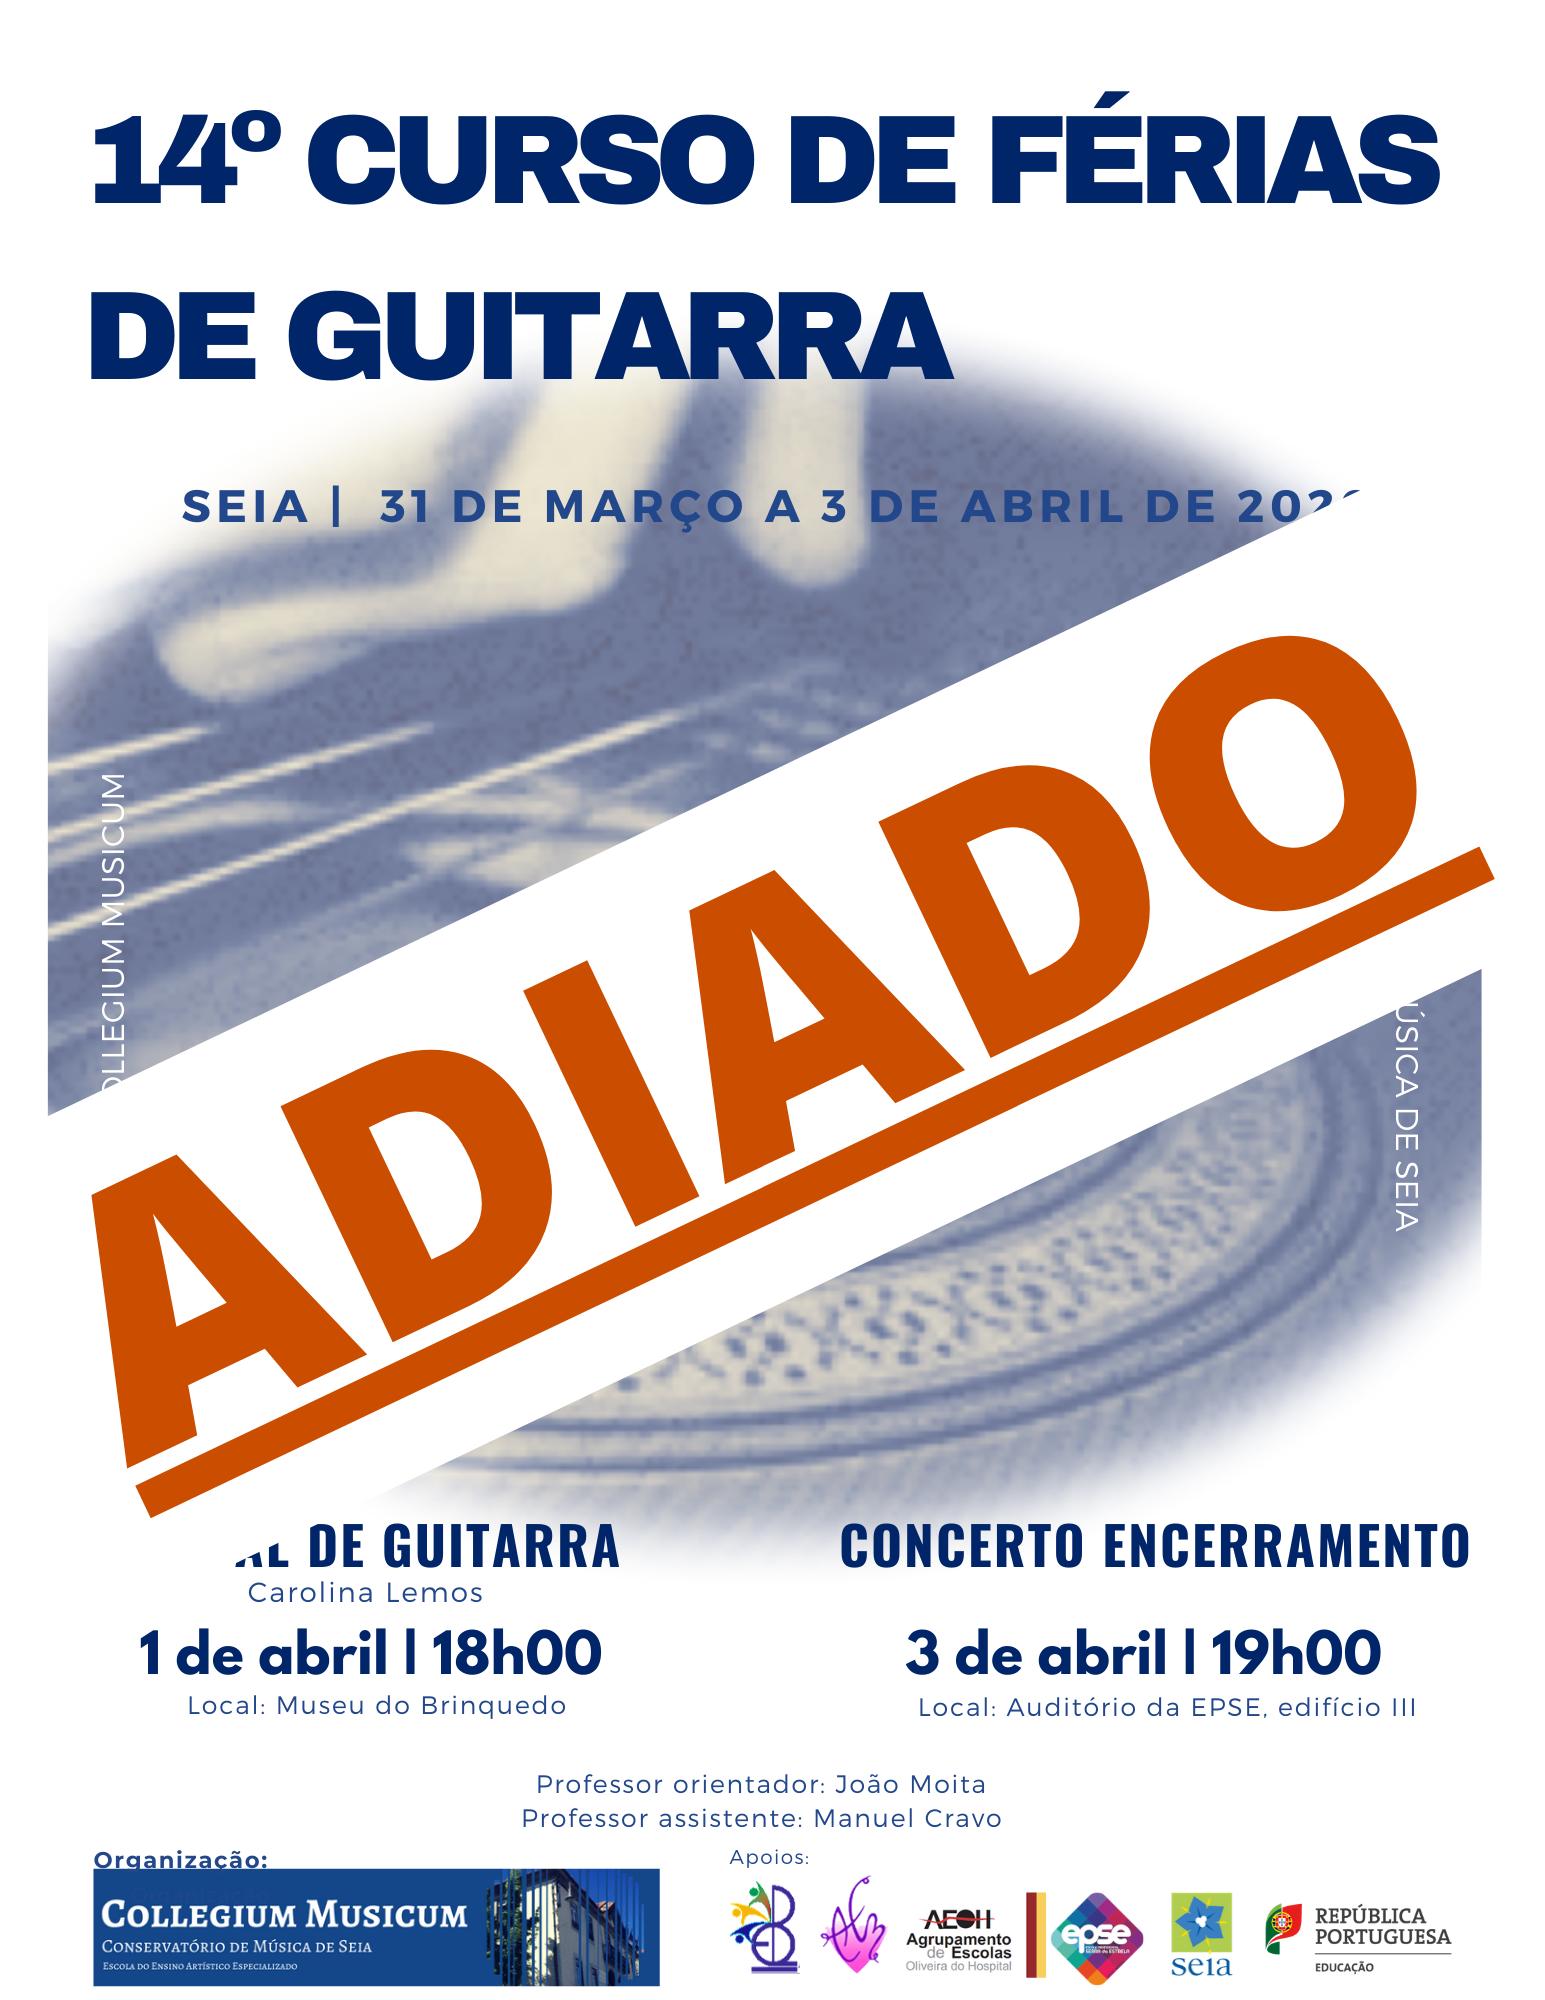 14º Curso de Férias de Guitarra